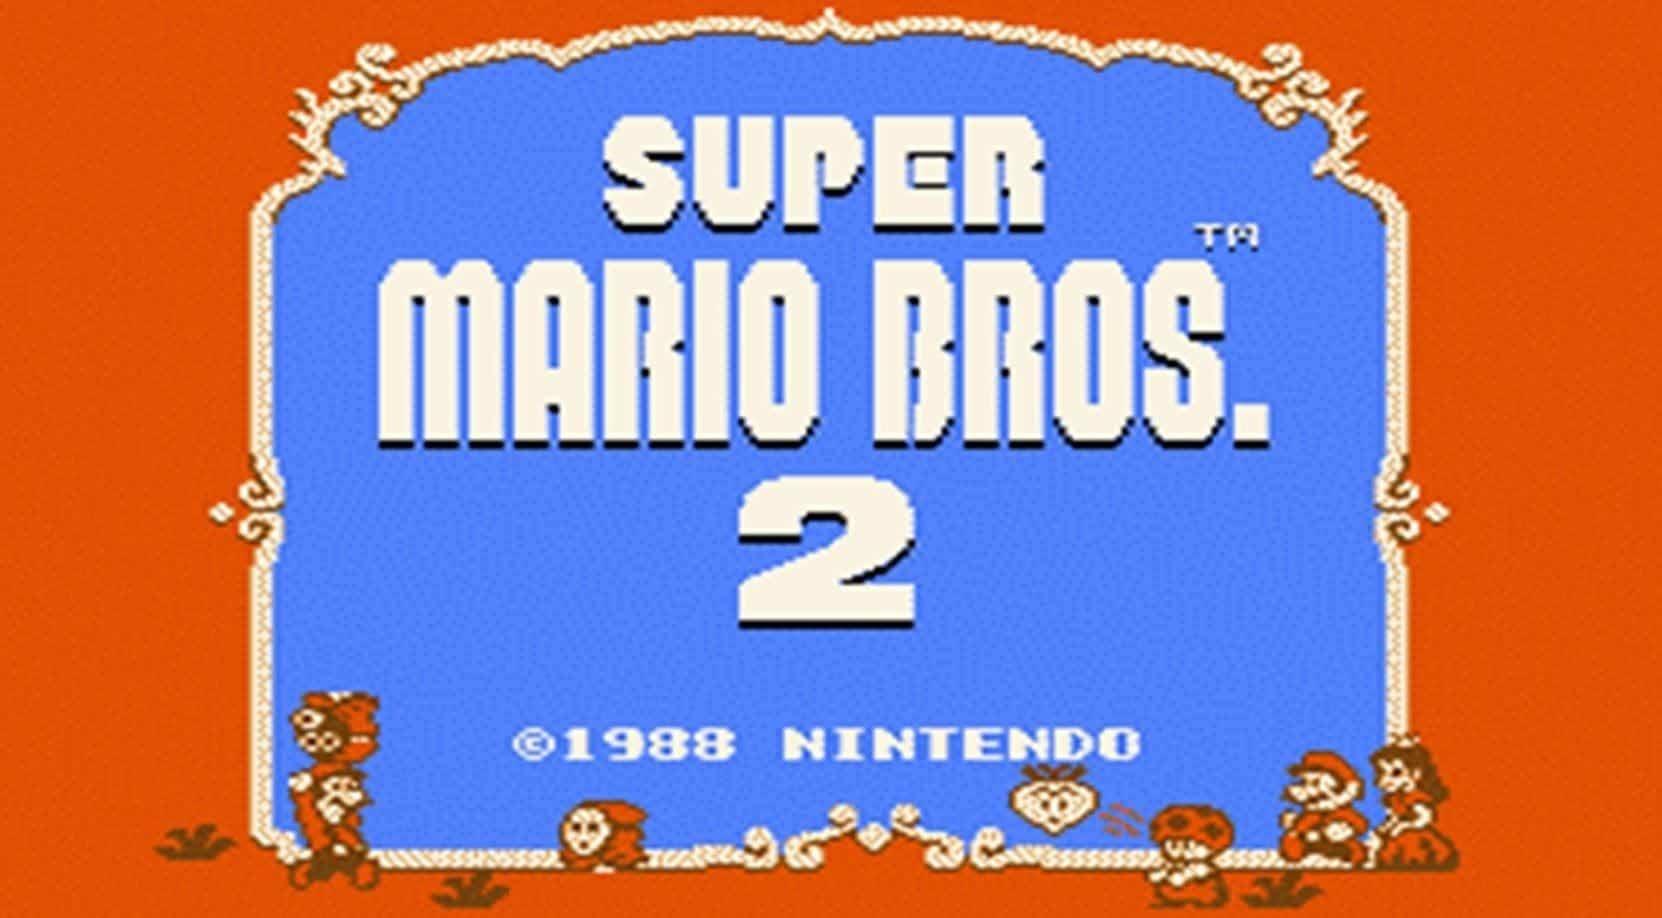 Best Super Mario Games - Super Mario Bros 2